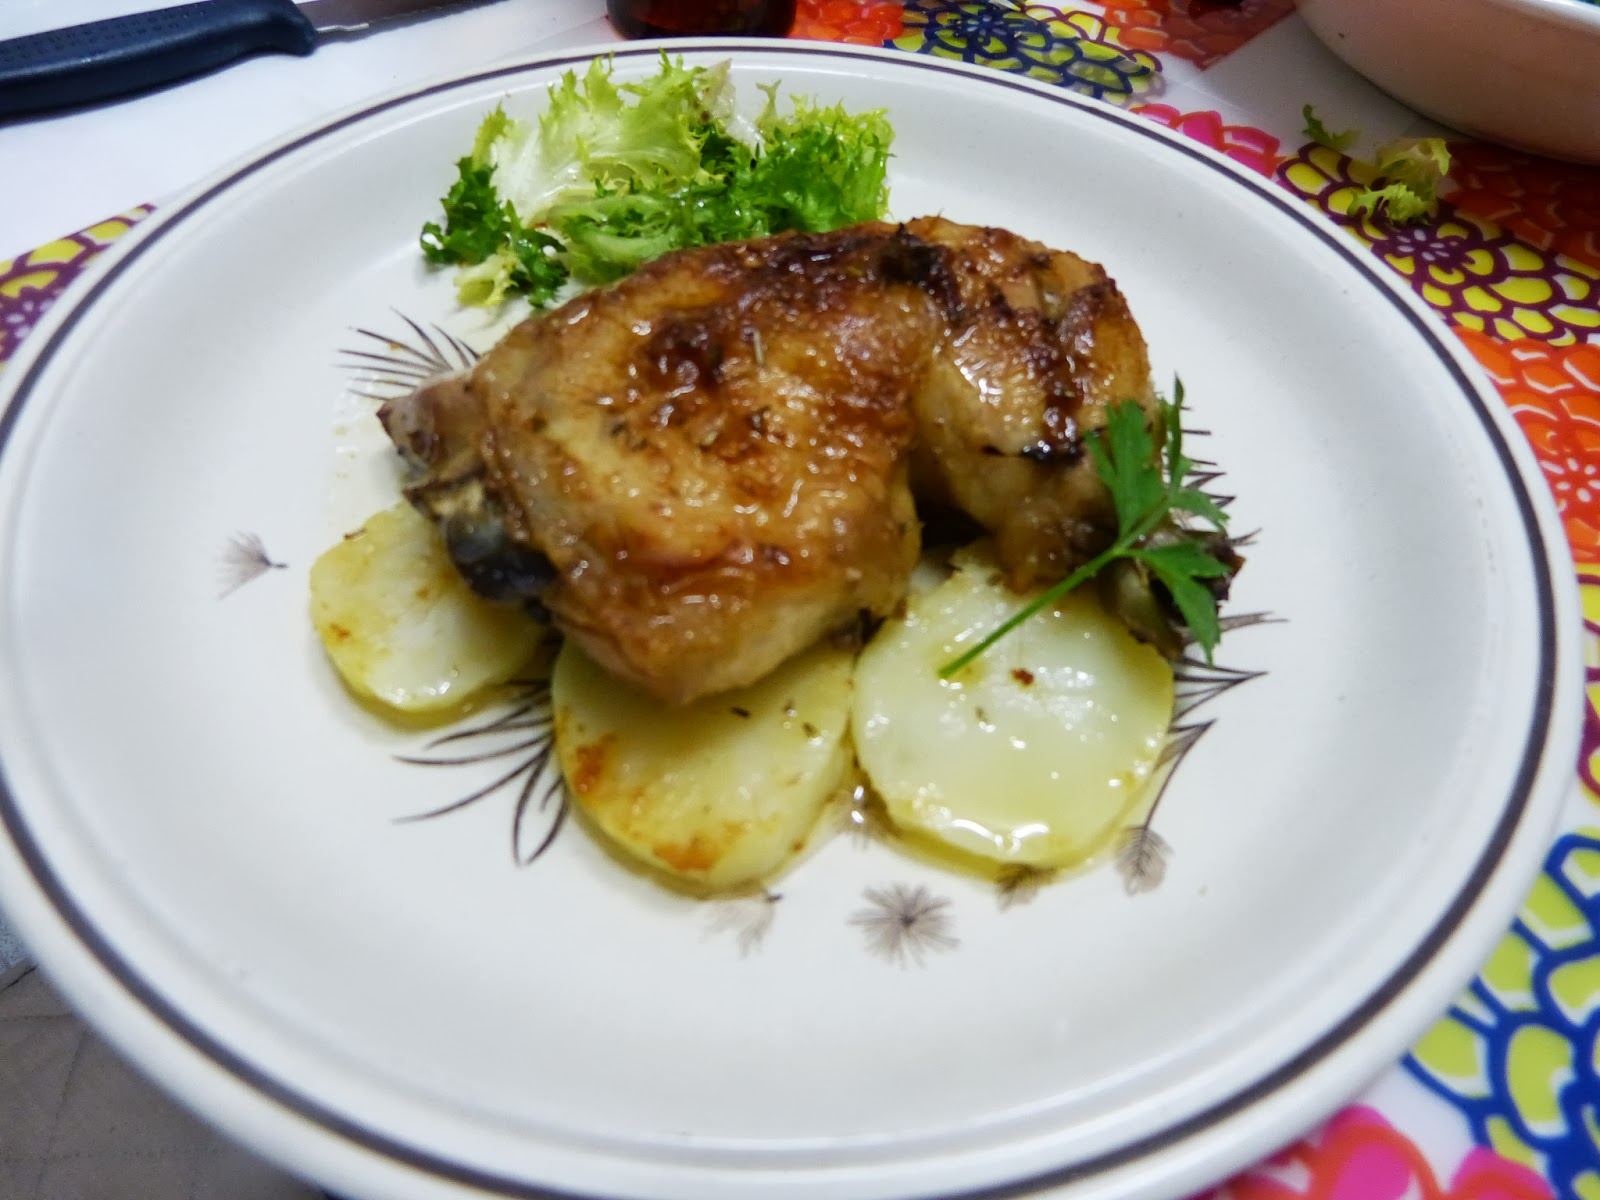 Cocinando con vicky recetas de cocina pollo asado a las finas hierbas - Pollo asado a las finas hierbas ...